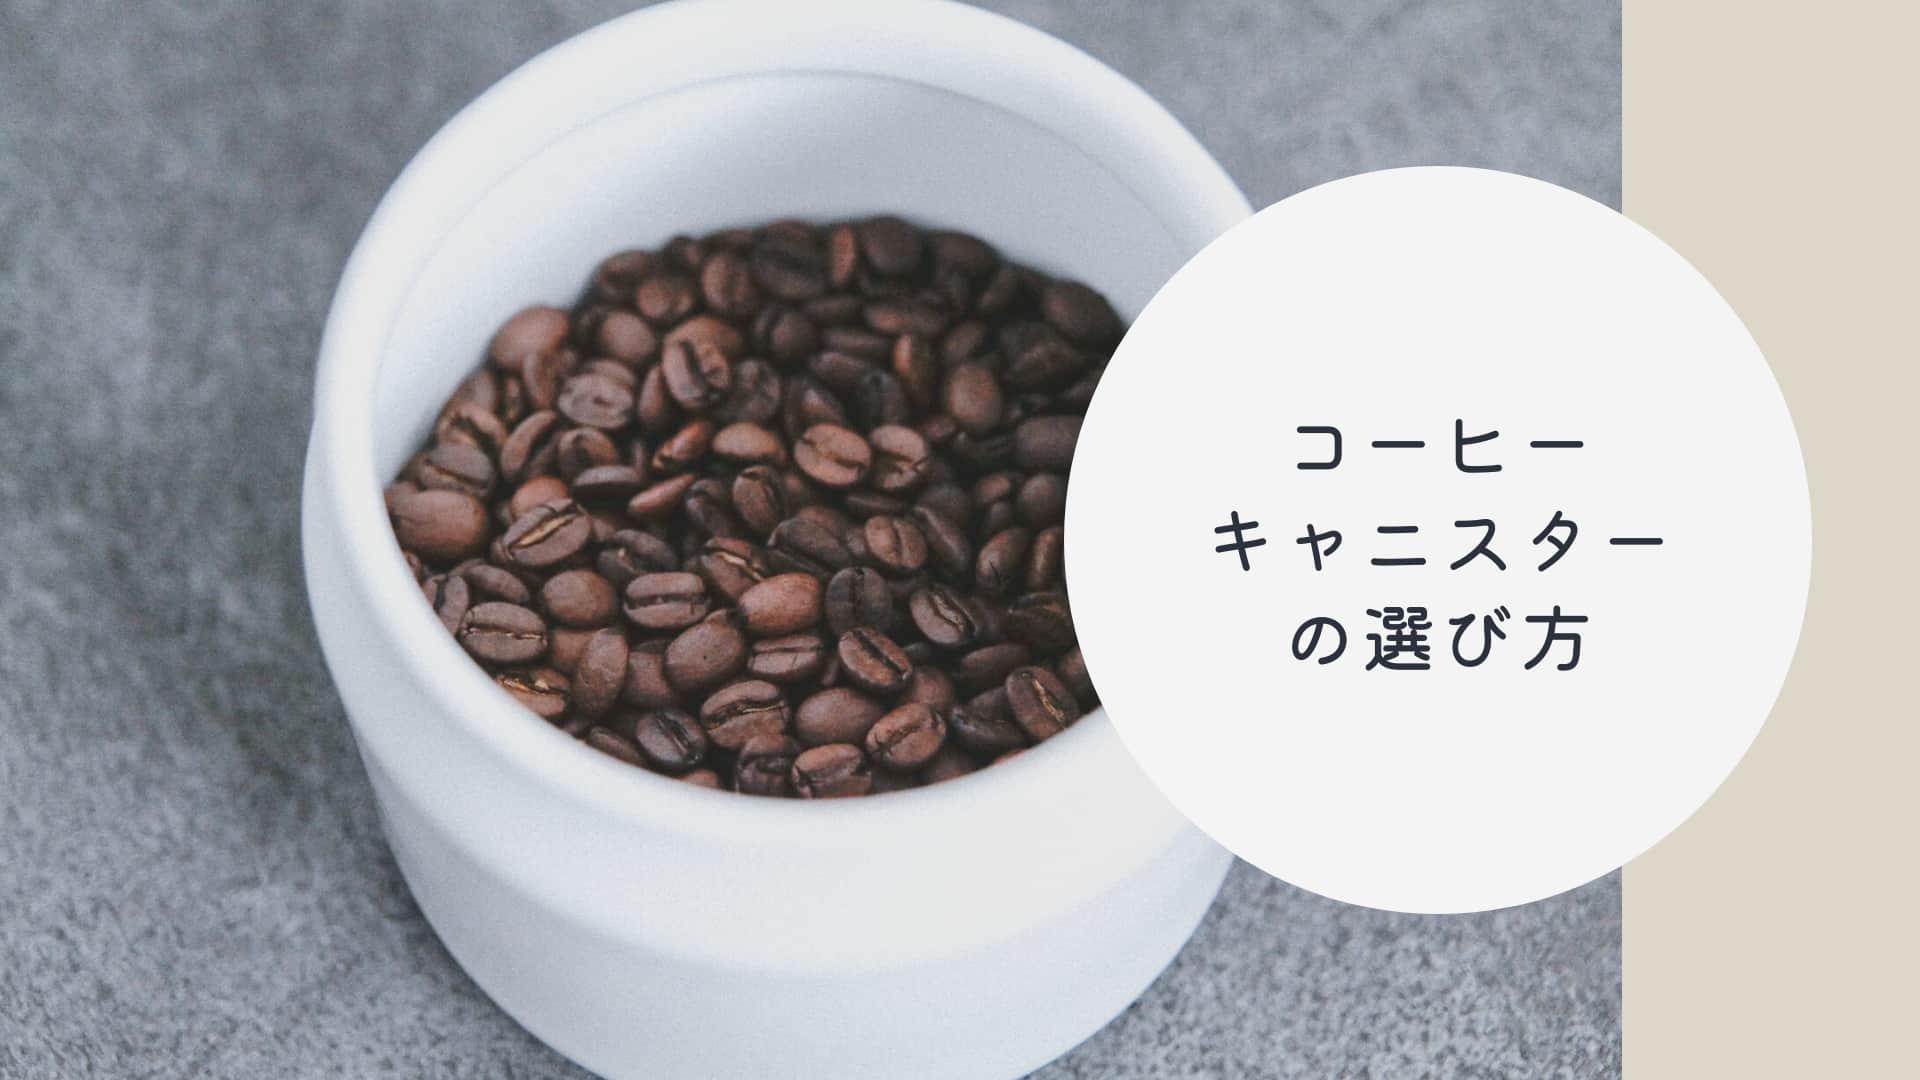 コーヒーキャニスターの選び方